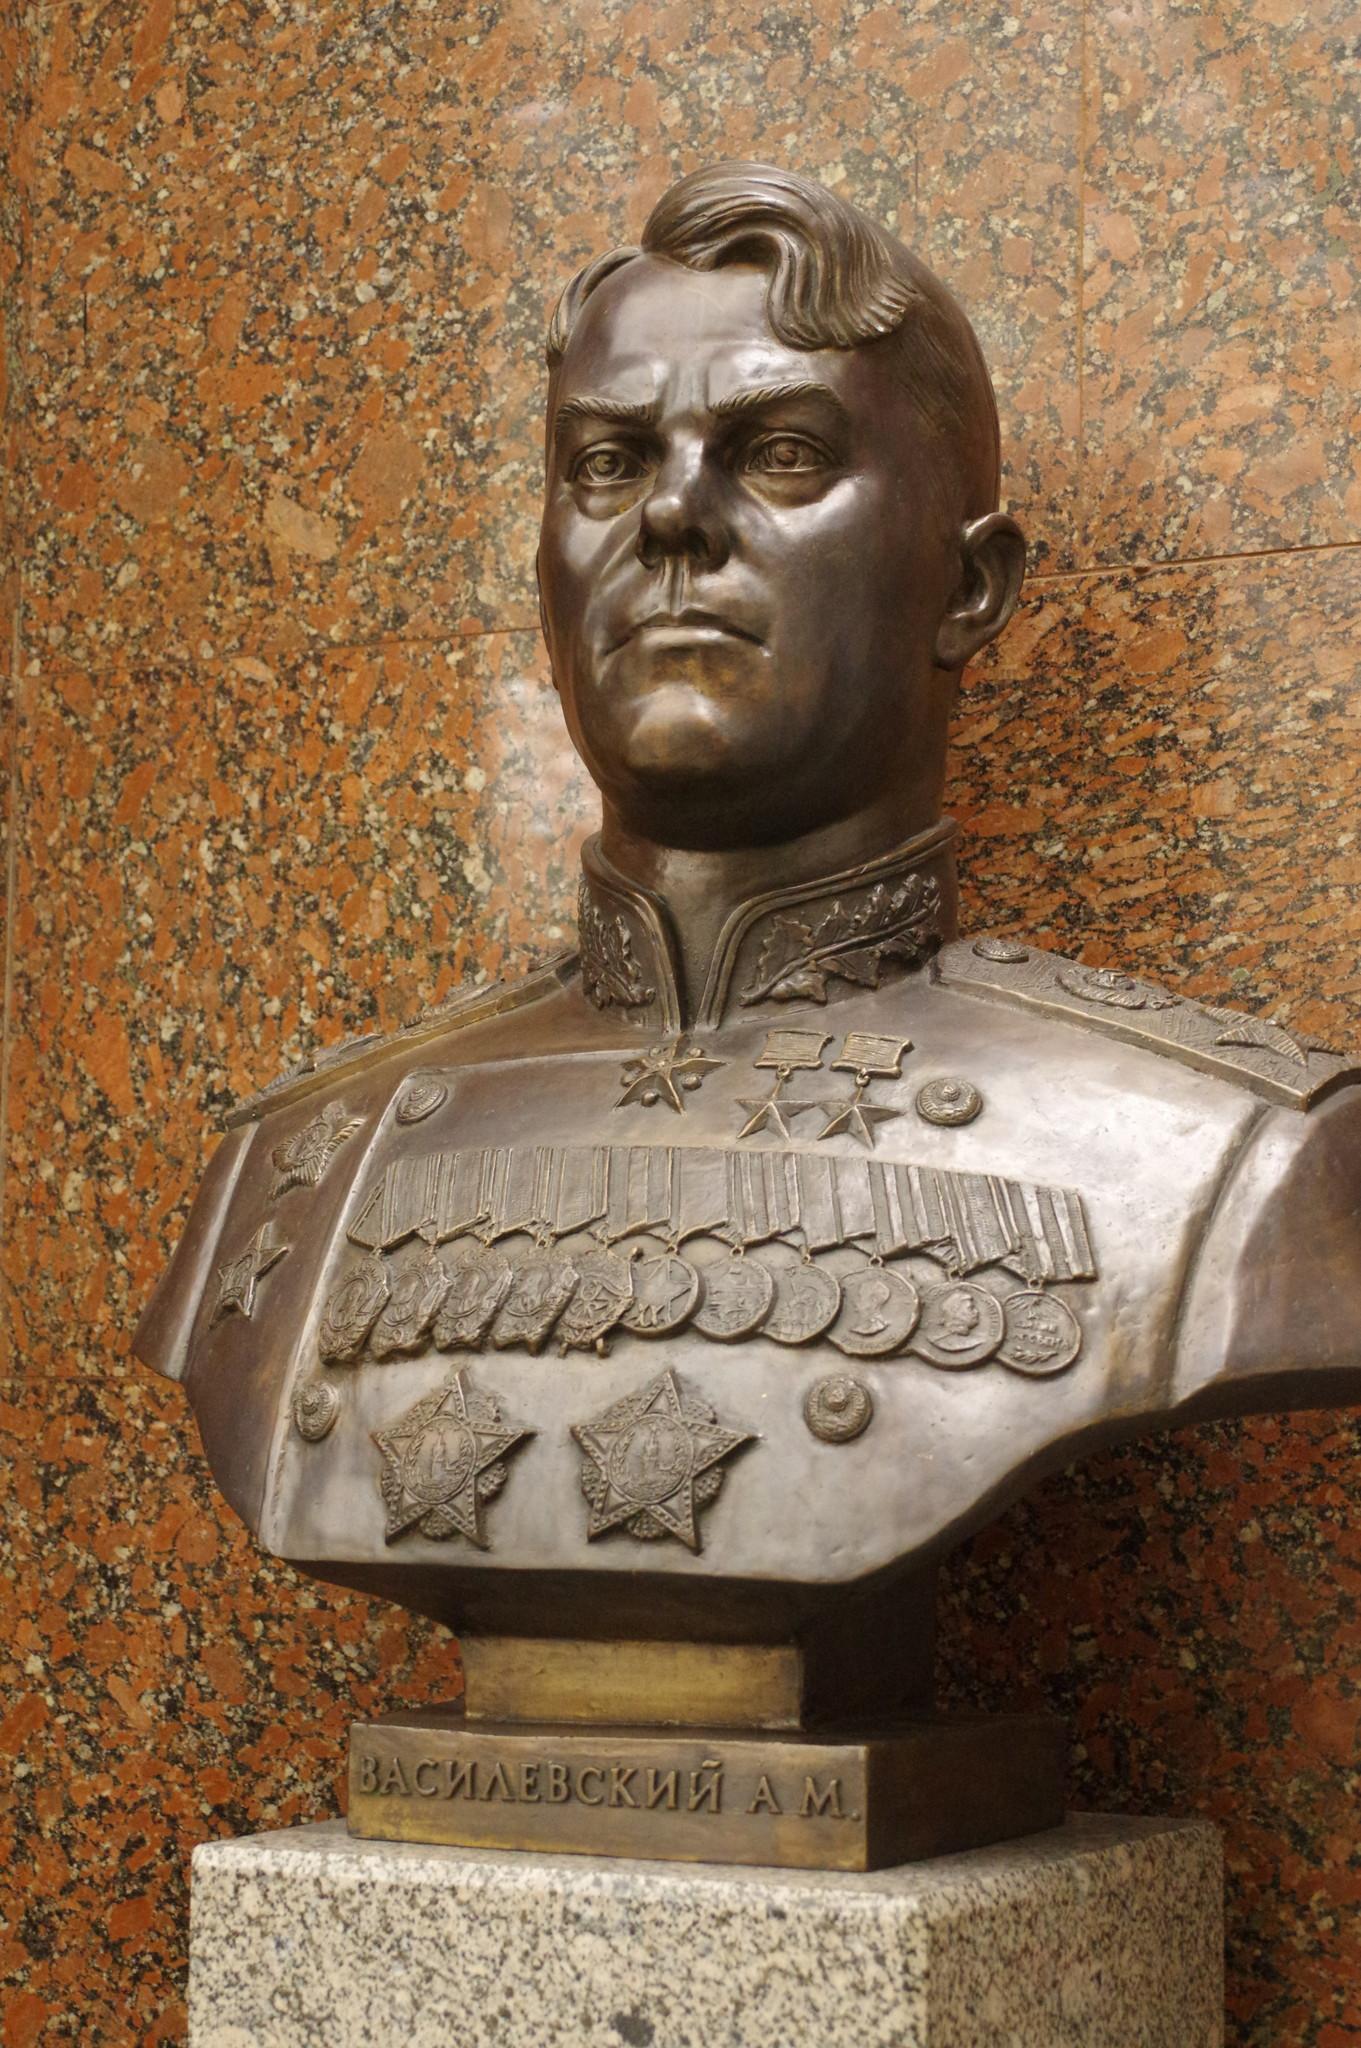 Бюст маршала Советского Союза Александра Михайловича Василевского в Центральном музее Великой Отечественной войны 1941-1945 гг.